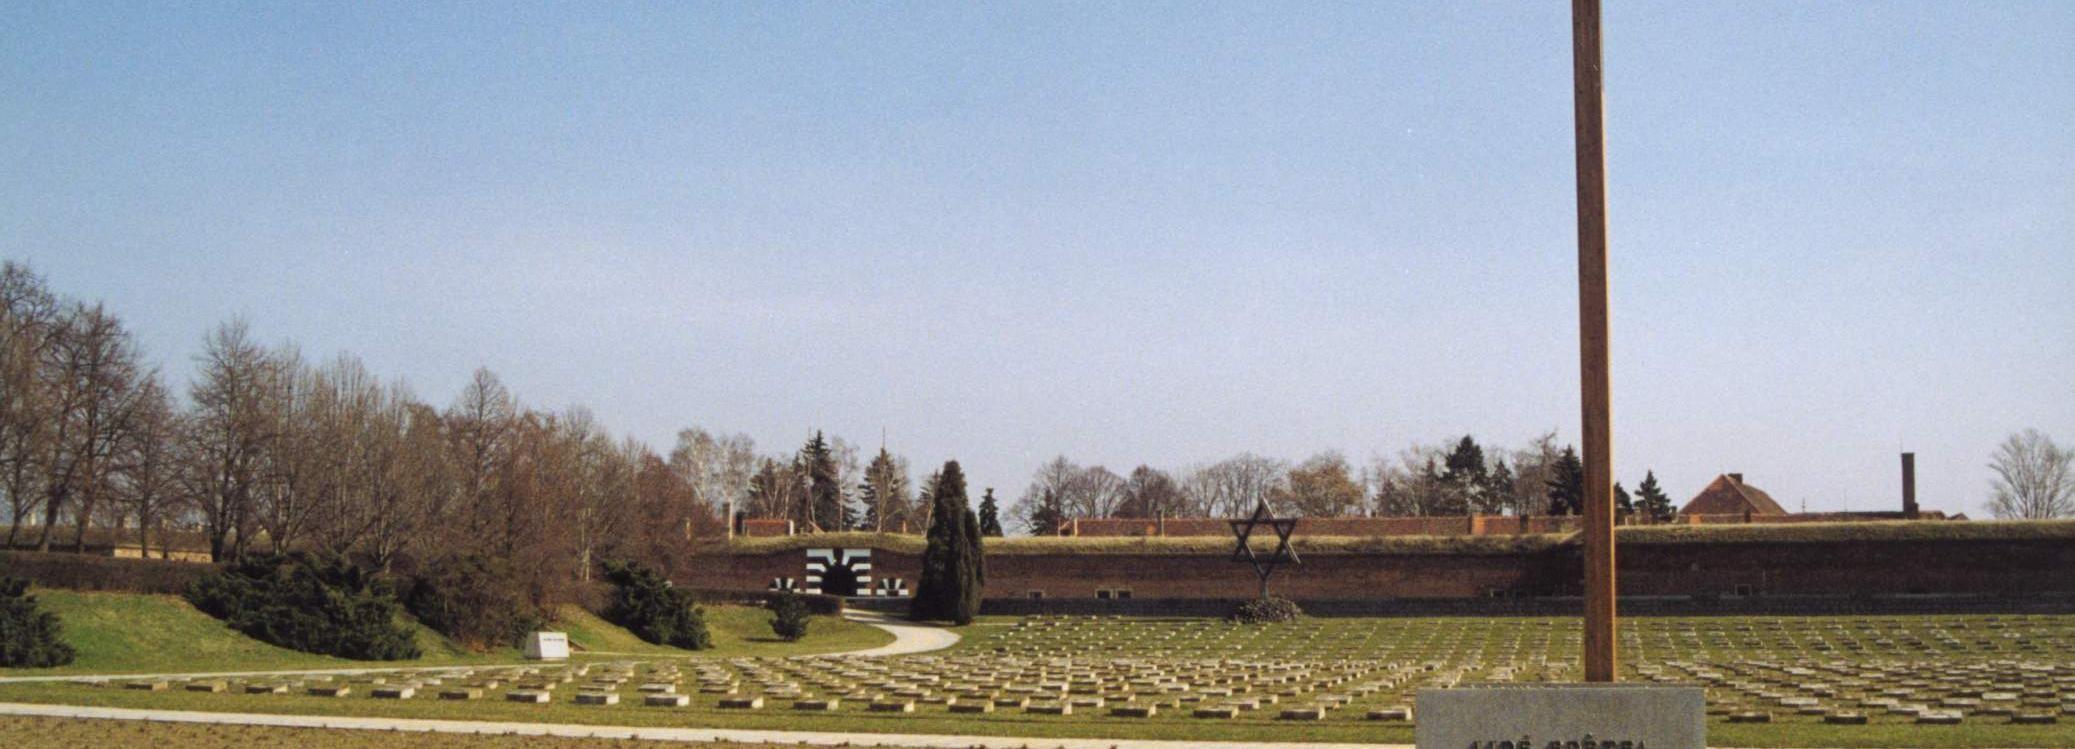 Terezin Memorial: Bus Tour from Prague